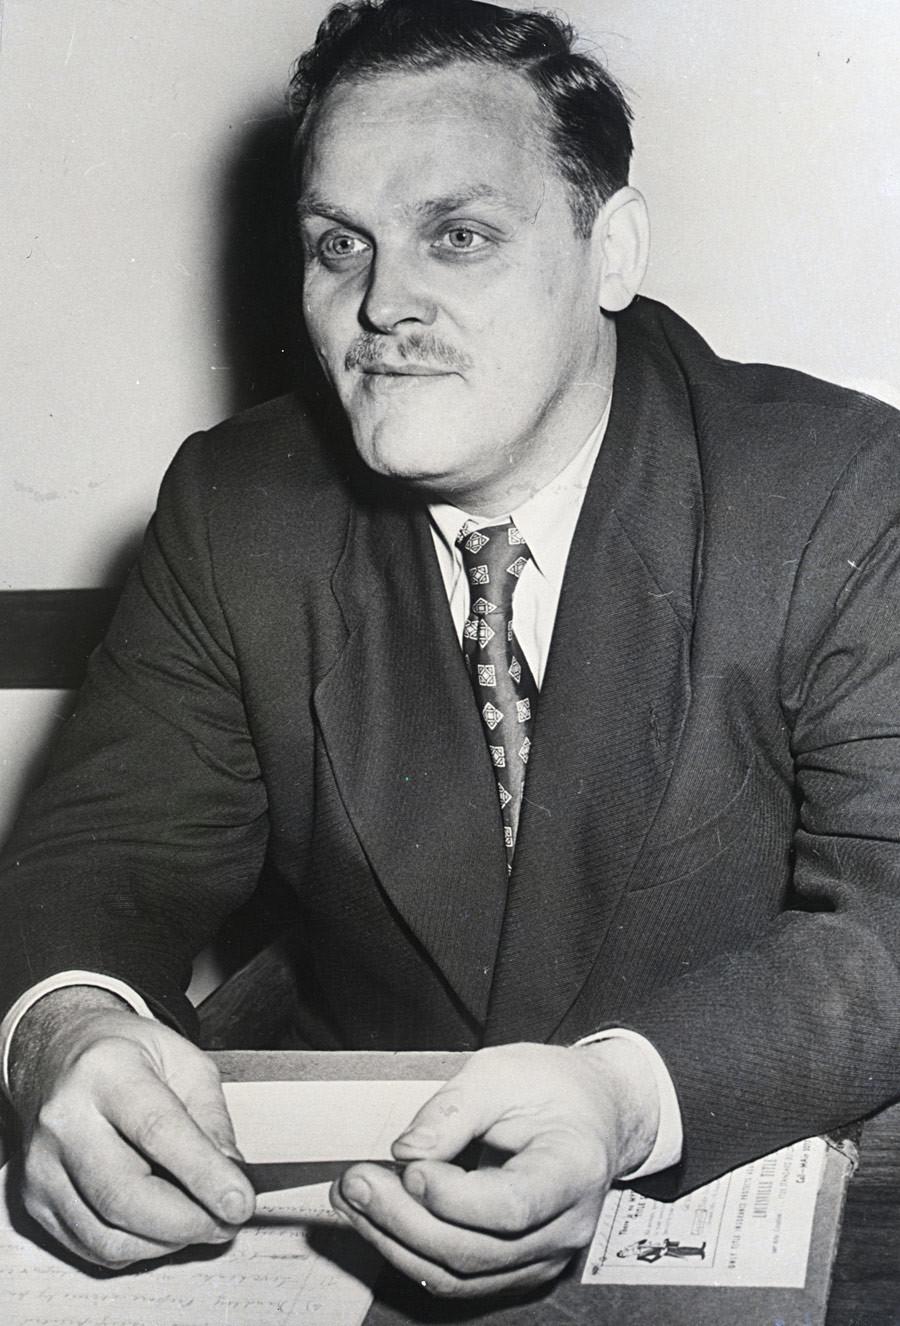 Гас Хол, амерички комуниста који је на челу Комунистичке партије САД био од 1959. до 2000.